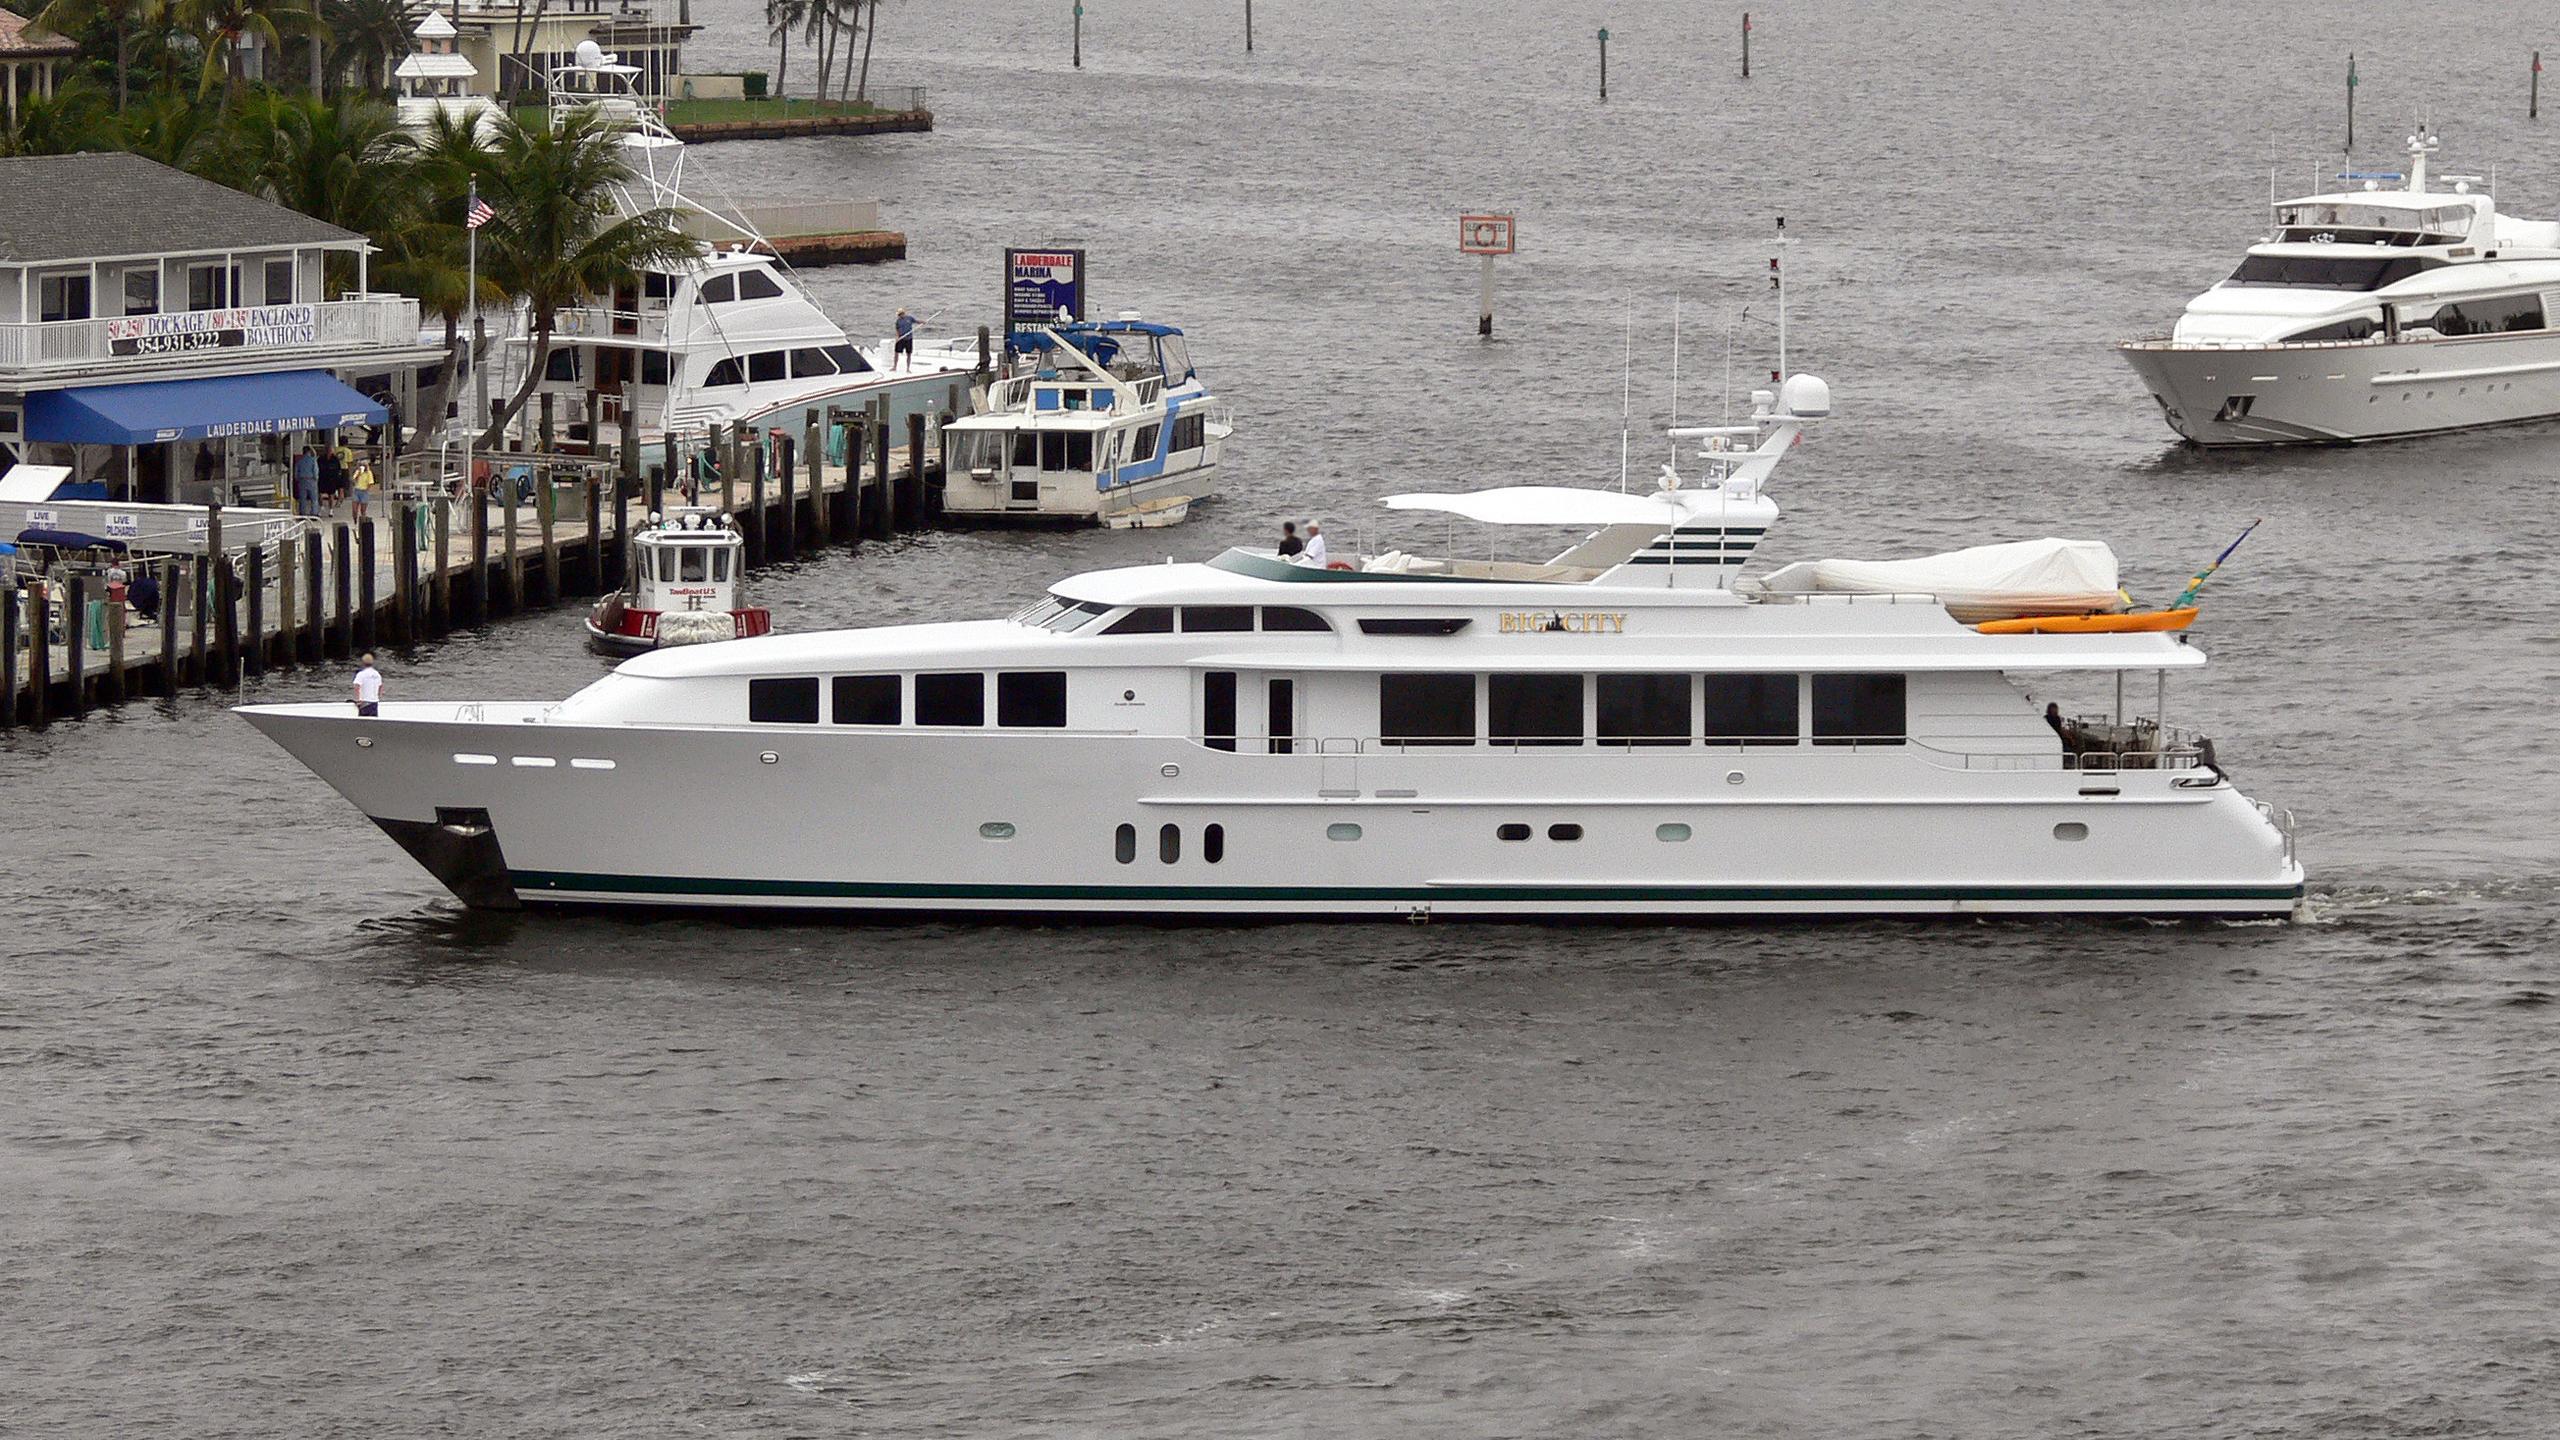 i-sea-motor-yacht-palmer-johnson-corniche-121-2000-37m-profile-before-refit